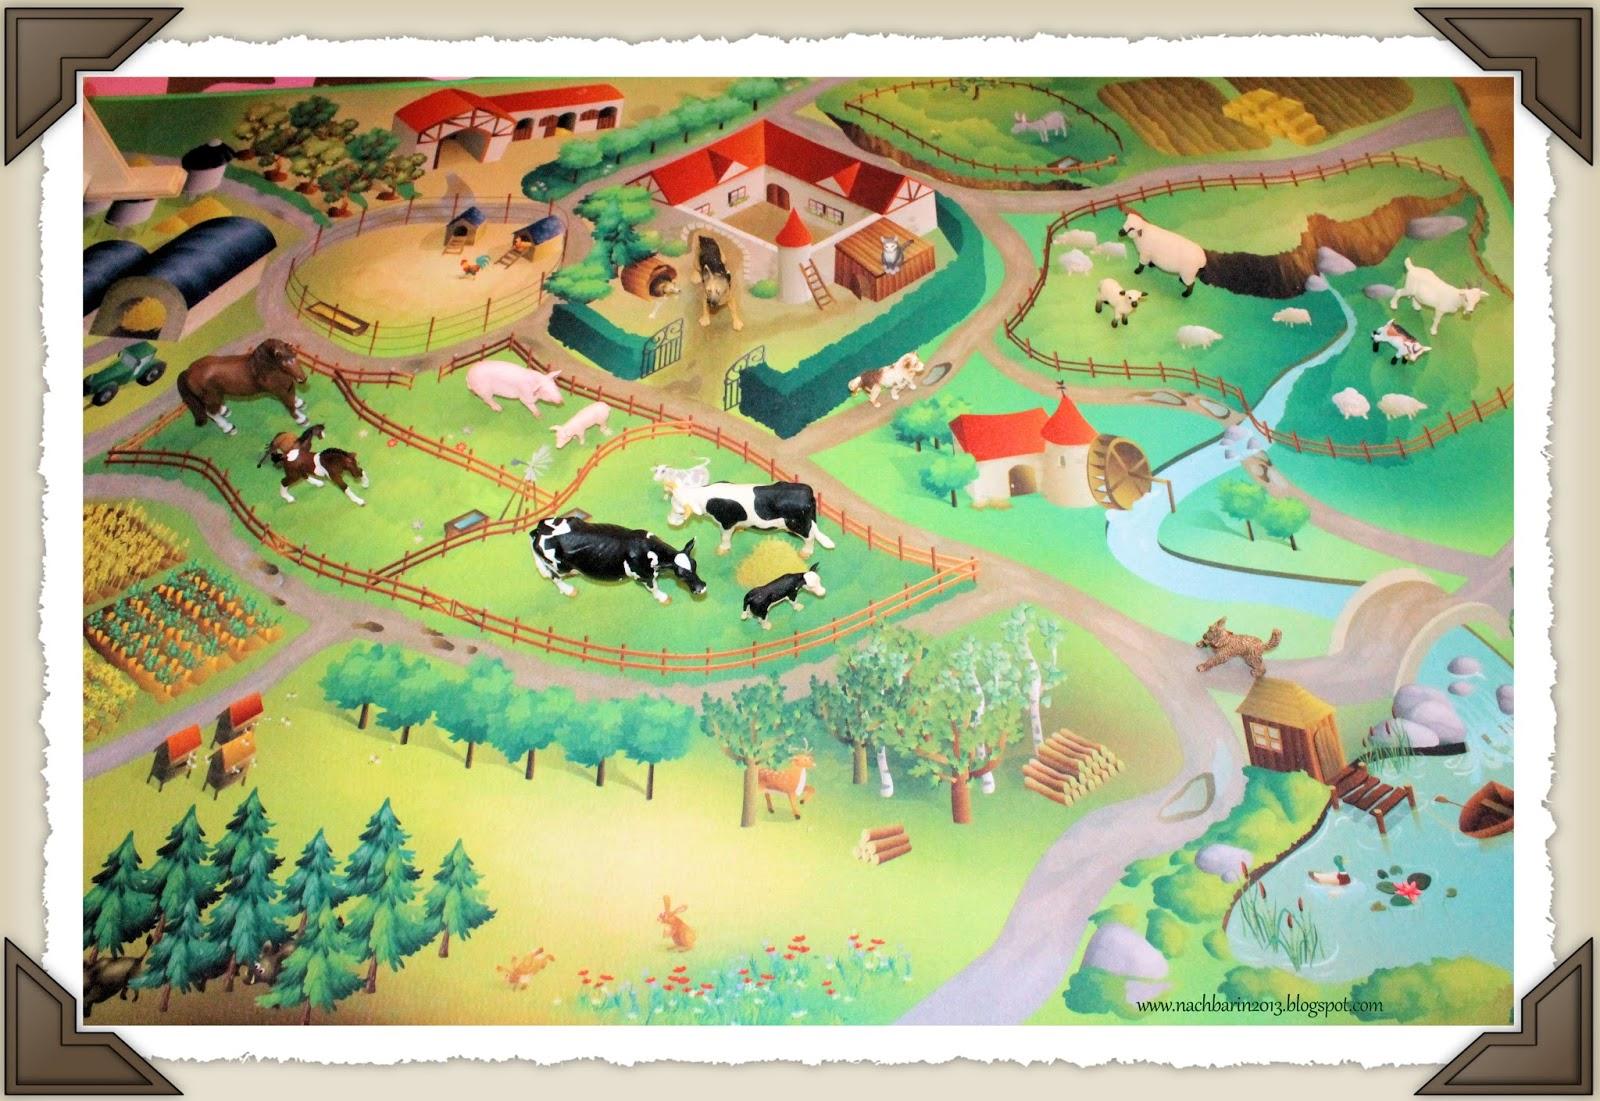 Die lästige Nachbarin: Rund um den Bauernhof [18-24 Monate]